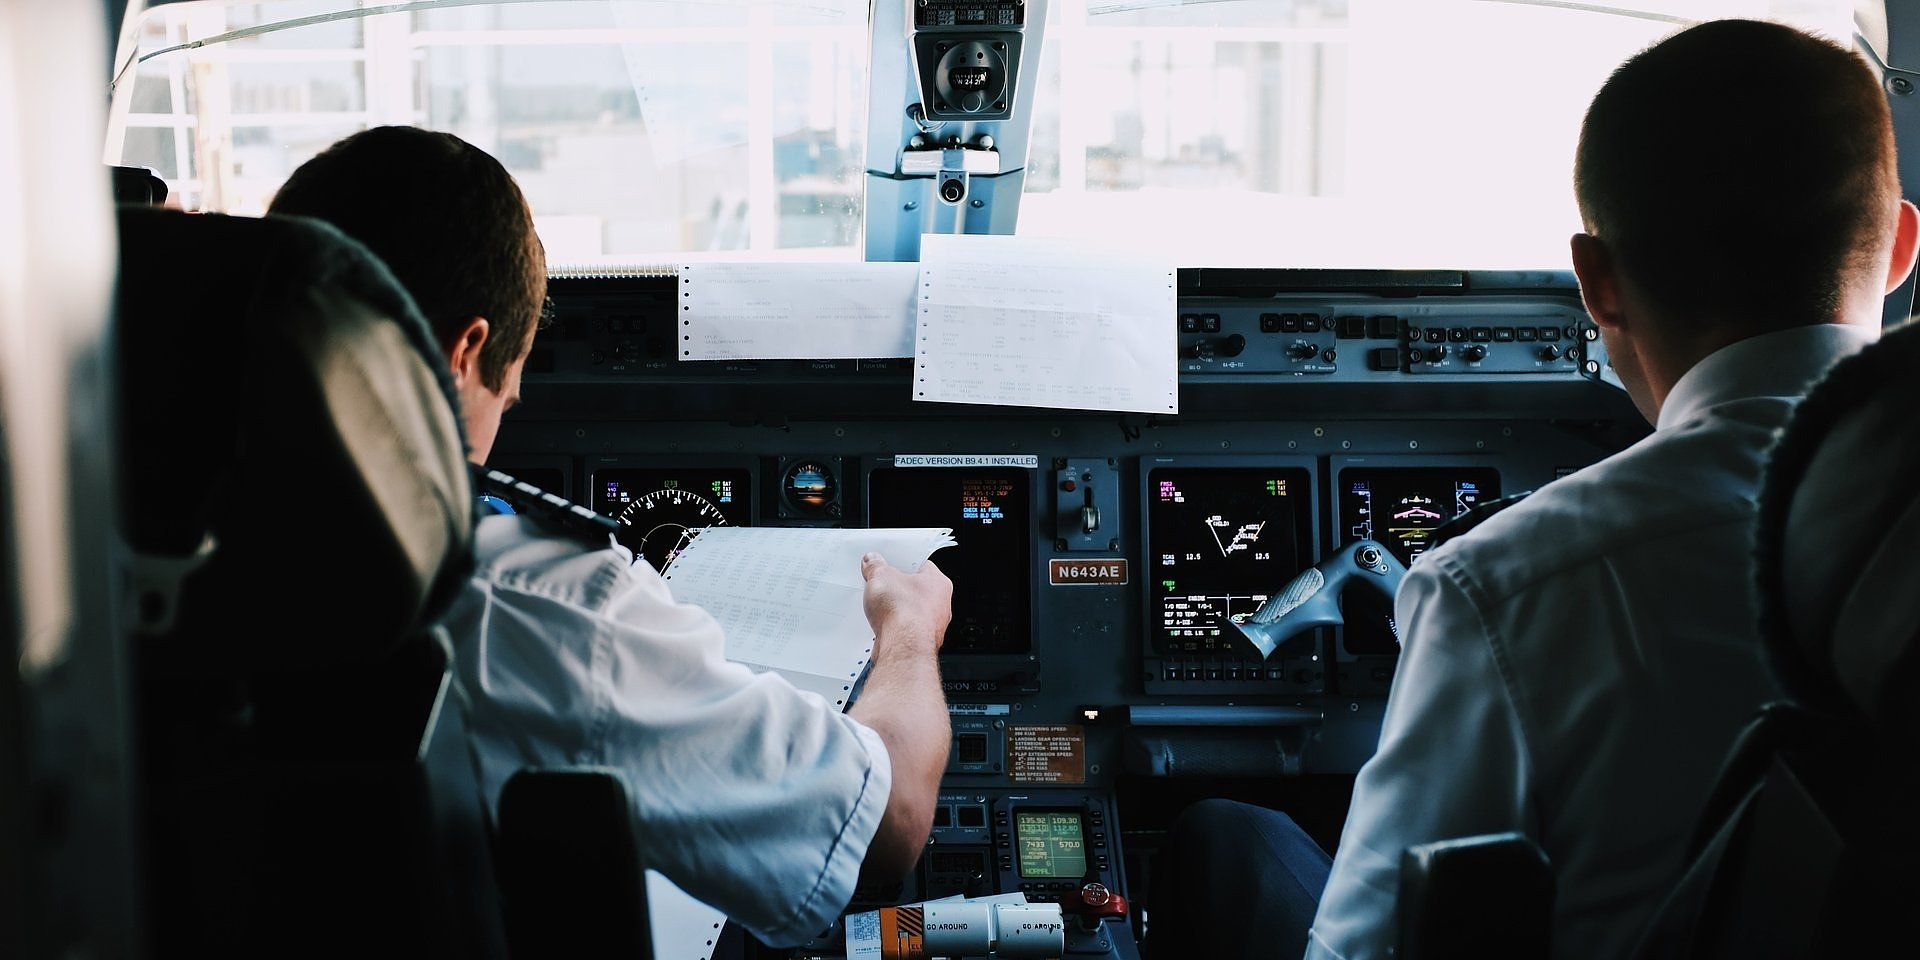 Сетевое управление? Больше никаких одиночных полетов!